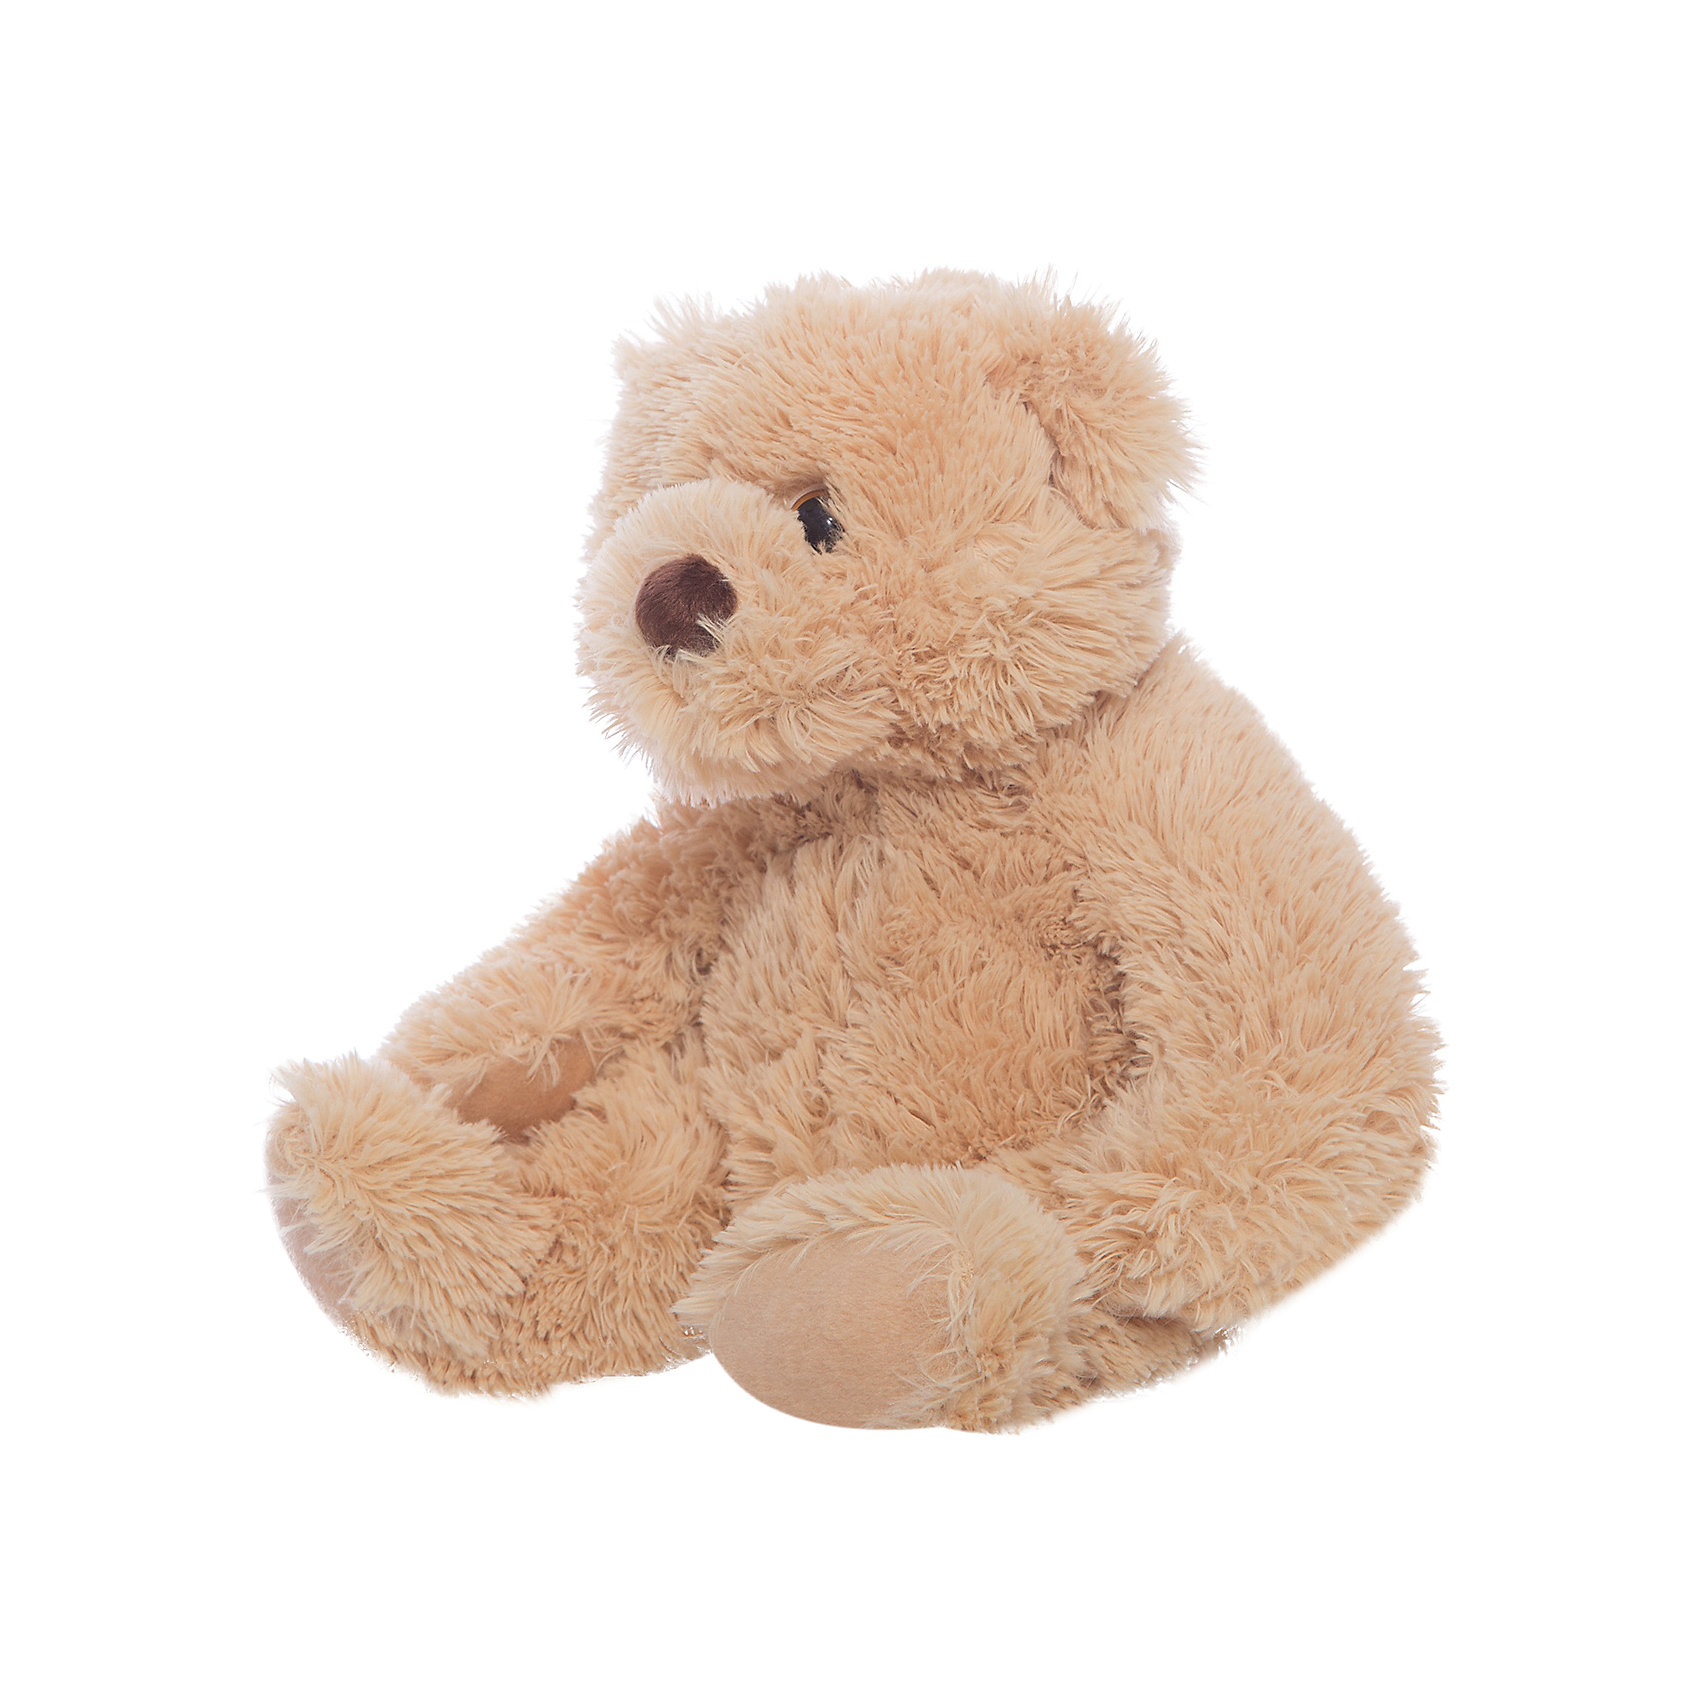 Мягкая игрушка Медвежонок Boris (коричневый), 25 см, Classic, TyЗвери и птицы<br>Мягкая игрушка Медвежонок Boris (коричневый), 25 см, Classic, Ty (Тай)<br><br>Характеристики:<br><br>• способствует развитию мелкой моторики<br>• приятный на ощупь<br>• высота игрушки: 25 см<br>• не содержит токсичных материалов, опасных для здоровья ребёнка<br>• материал: текстиль, искусственный мех, пластик <br>• наполнитель: синтепон<br>• вес: 274 грамма<br><br>Плюшевый мишка - любимец многих детишек. И медвежонок Boris - не исключение. Его добрый взгляд и милая мордашка не оставят равнодушными даже взрослых. Малыши с радостью будут играть с мишкой, ведь он очень мягкий и приятный на ощупь! Игрушка не содержит опасные для ребенка материалы и вещества. Игра способствует развитию тактильных ощущений, мелкой моторики и воображения.<br><br>Мягкую игрушку Медвежонок Boris (коричневый), 25 см, Classic, Ty (Тай) можно купить в нашем интернет-магазине.<br><br>Ширина мм: 250<br>Глубина мм: 250<br>Высота мм: 250<br>Вес г: 274<br>Возраст от месяцев: 36<br>Возраст до месяцев: 144<br>Пол: Унисекс<br>Возраст: Детский<br>SKU: 5399795